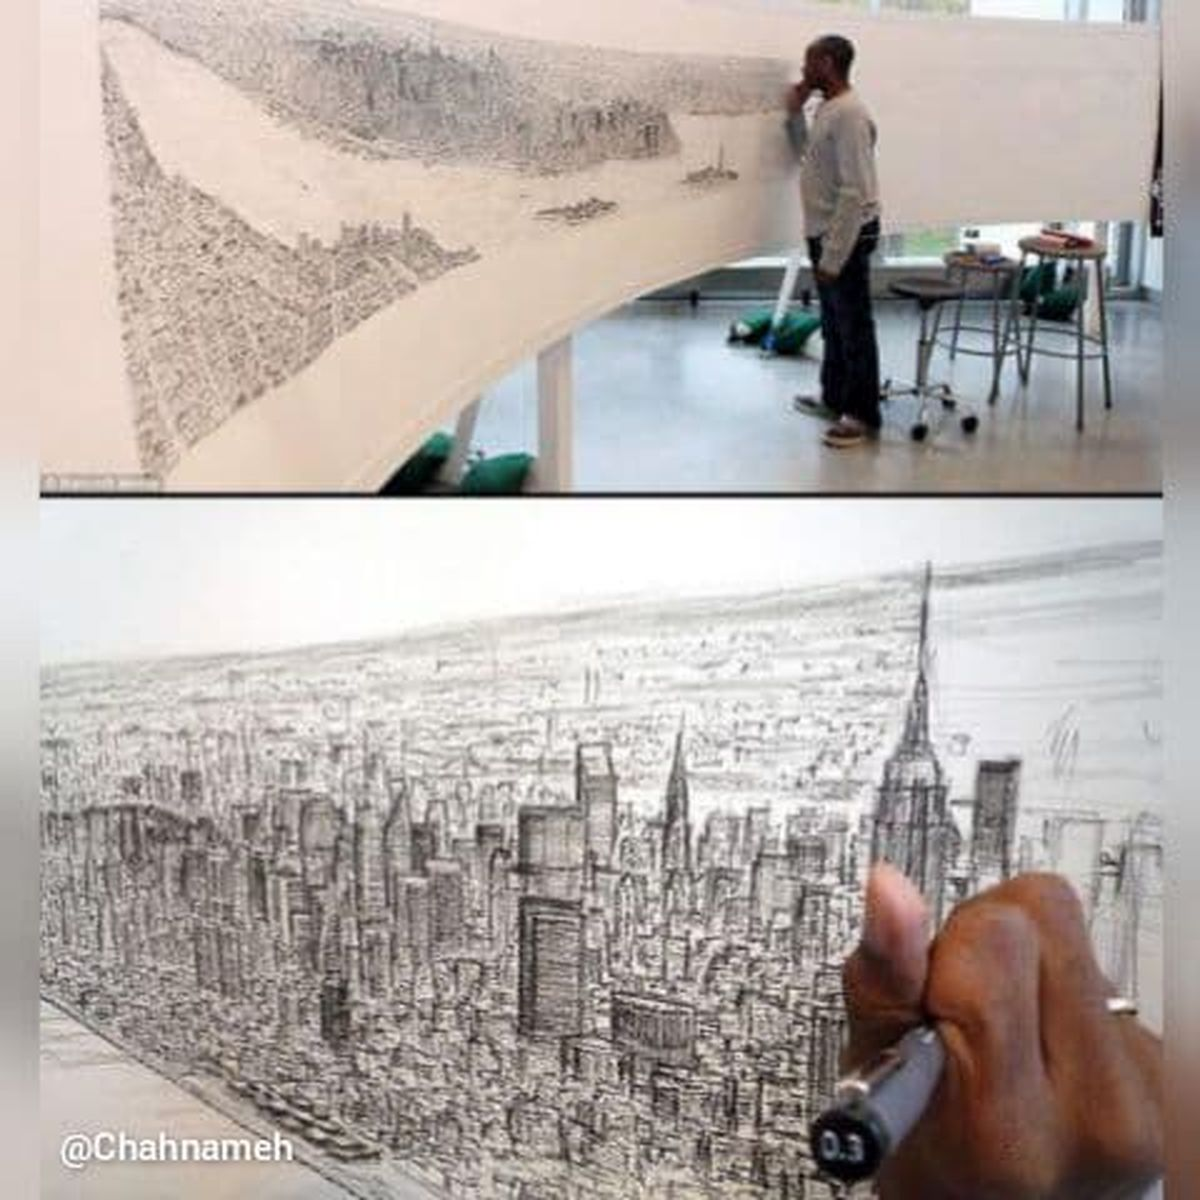 نقاشی حیرات انگیز فرد مبتلا به اوتیسم +عکس